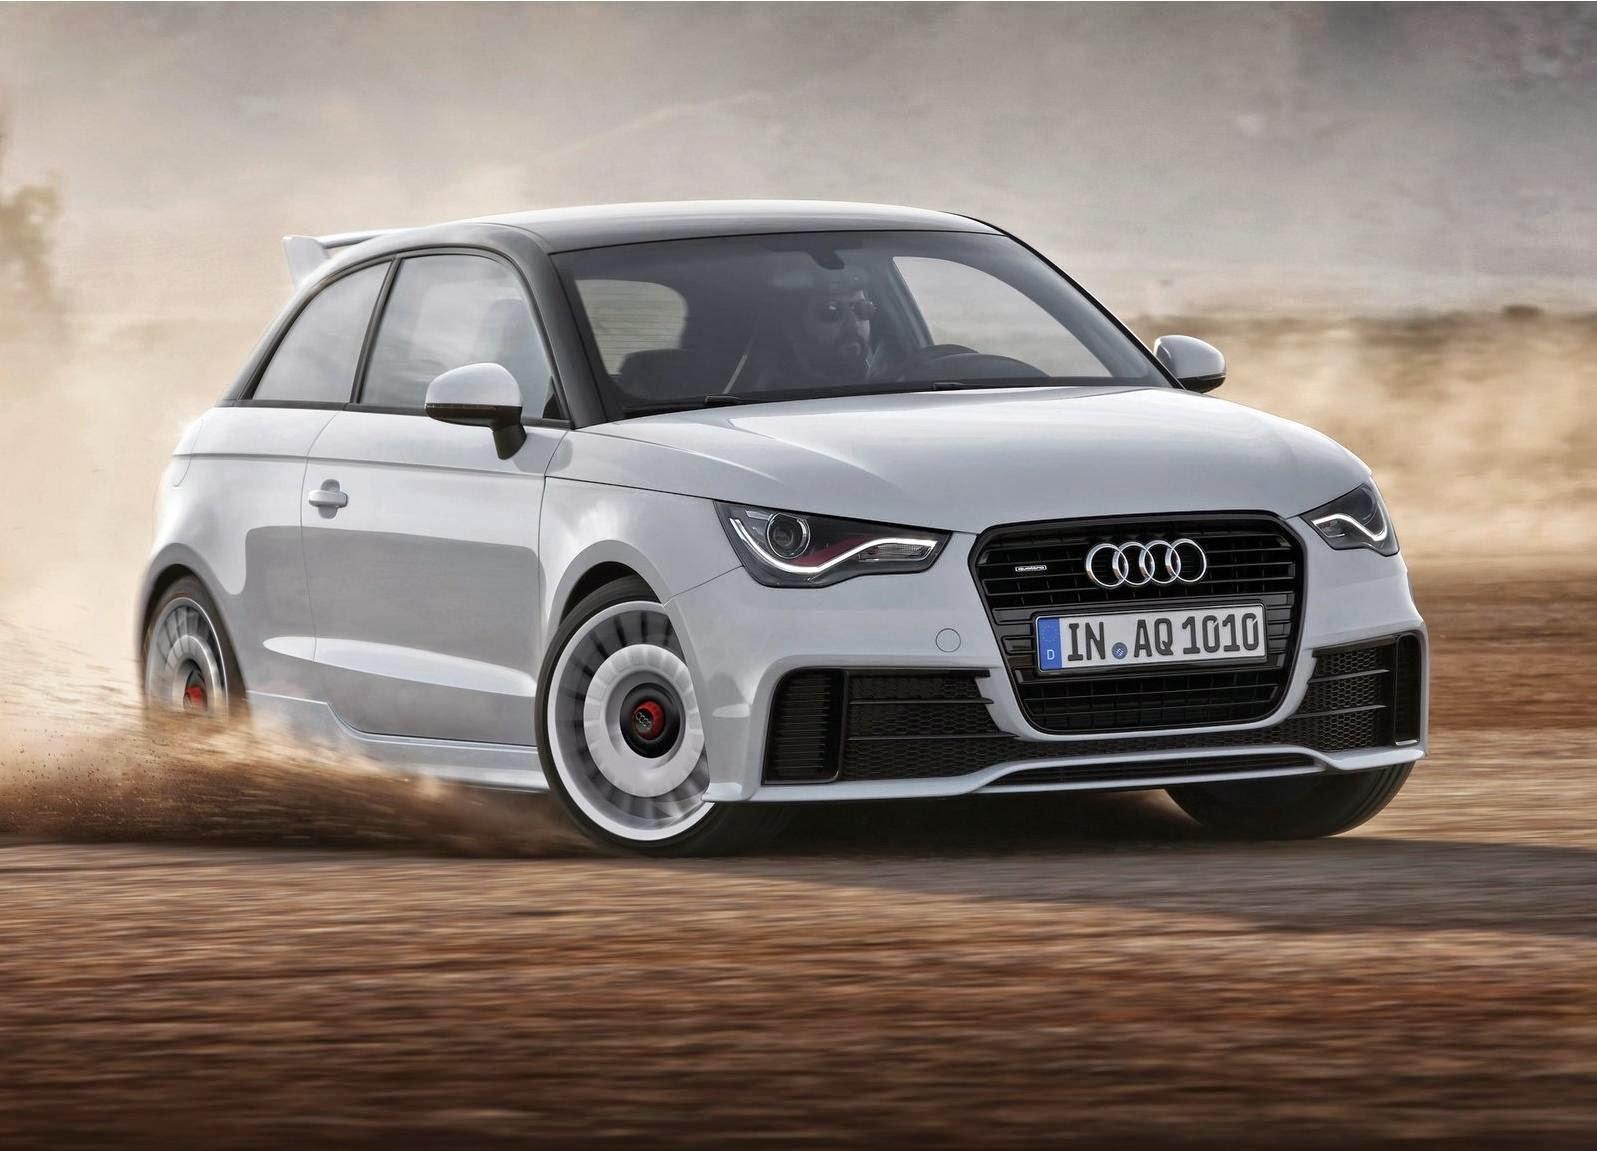 Audi A1 quattro 2013 Widescreen DesktopWallpaper